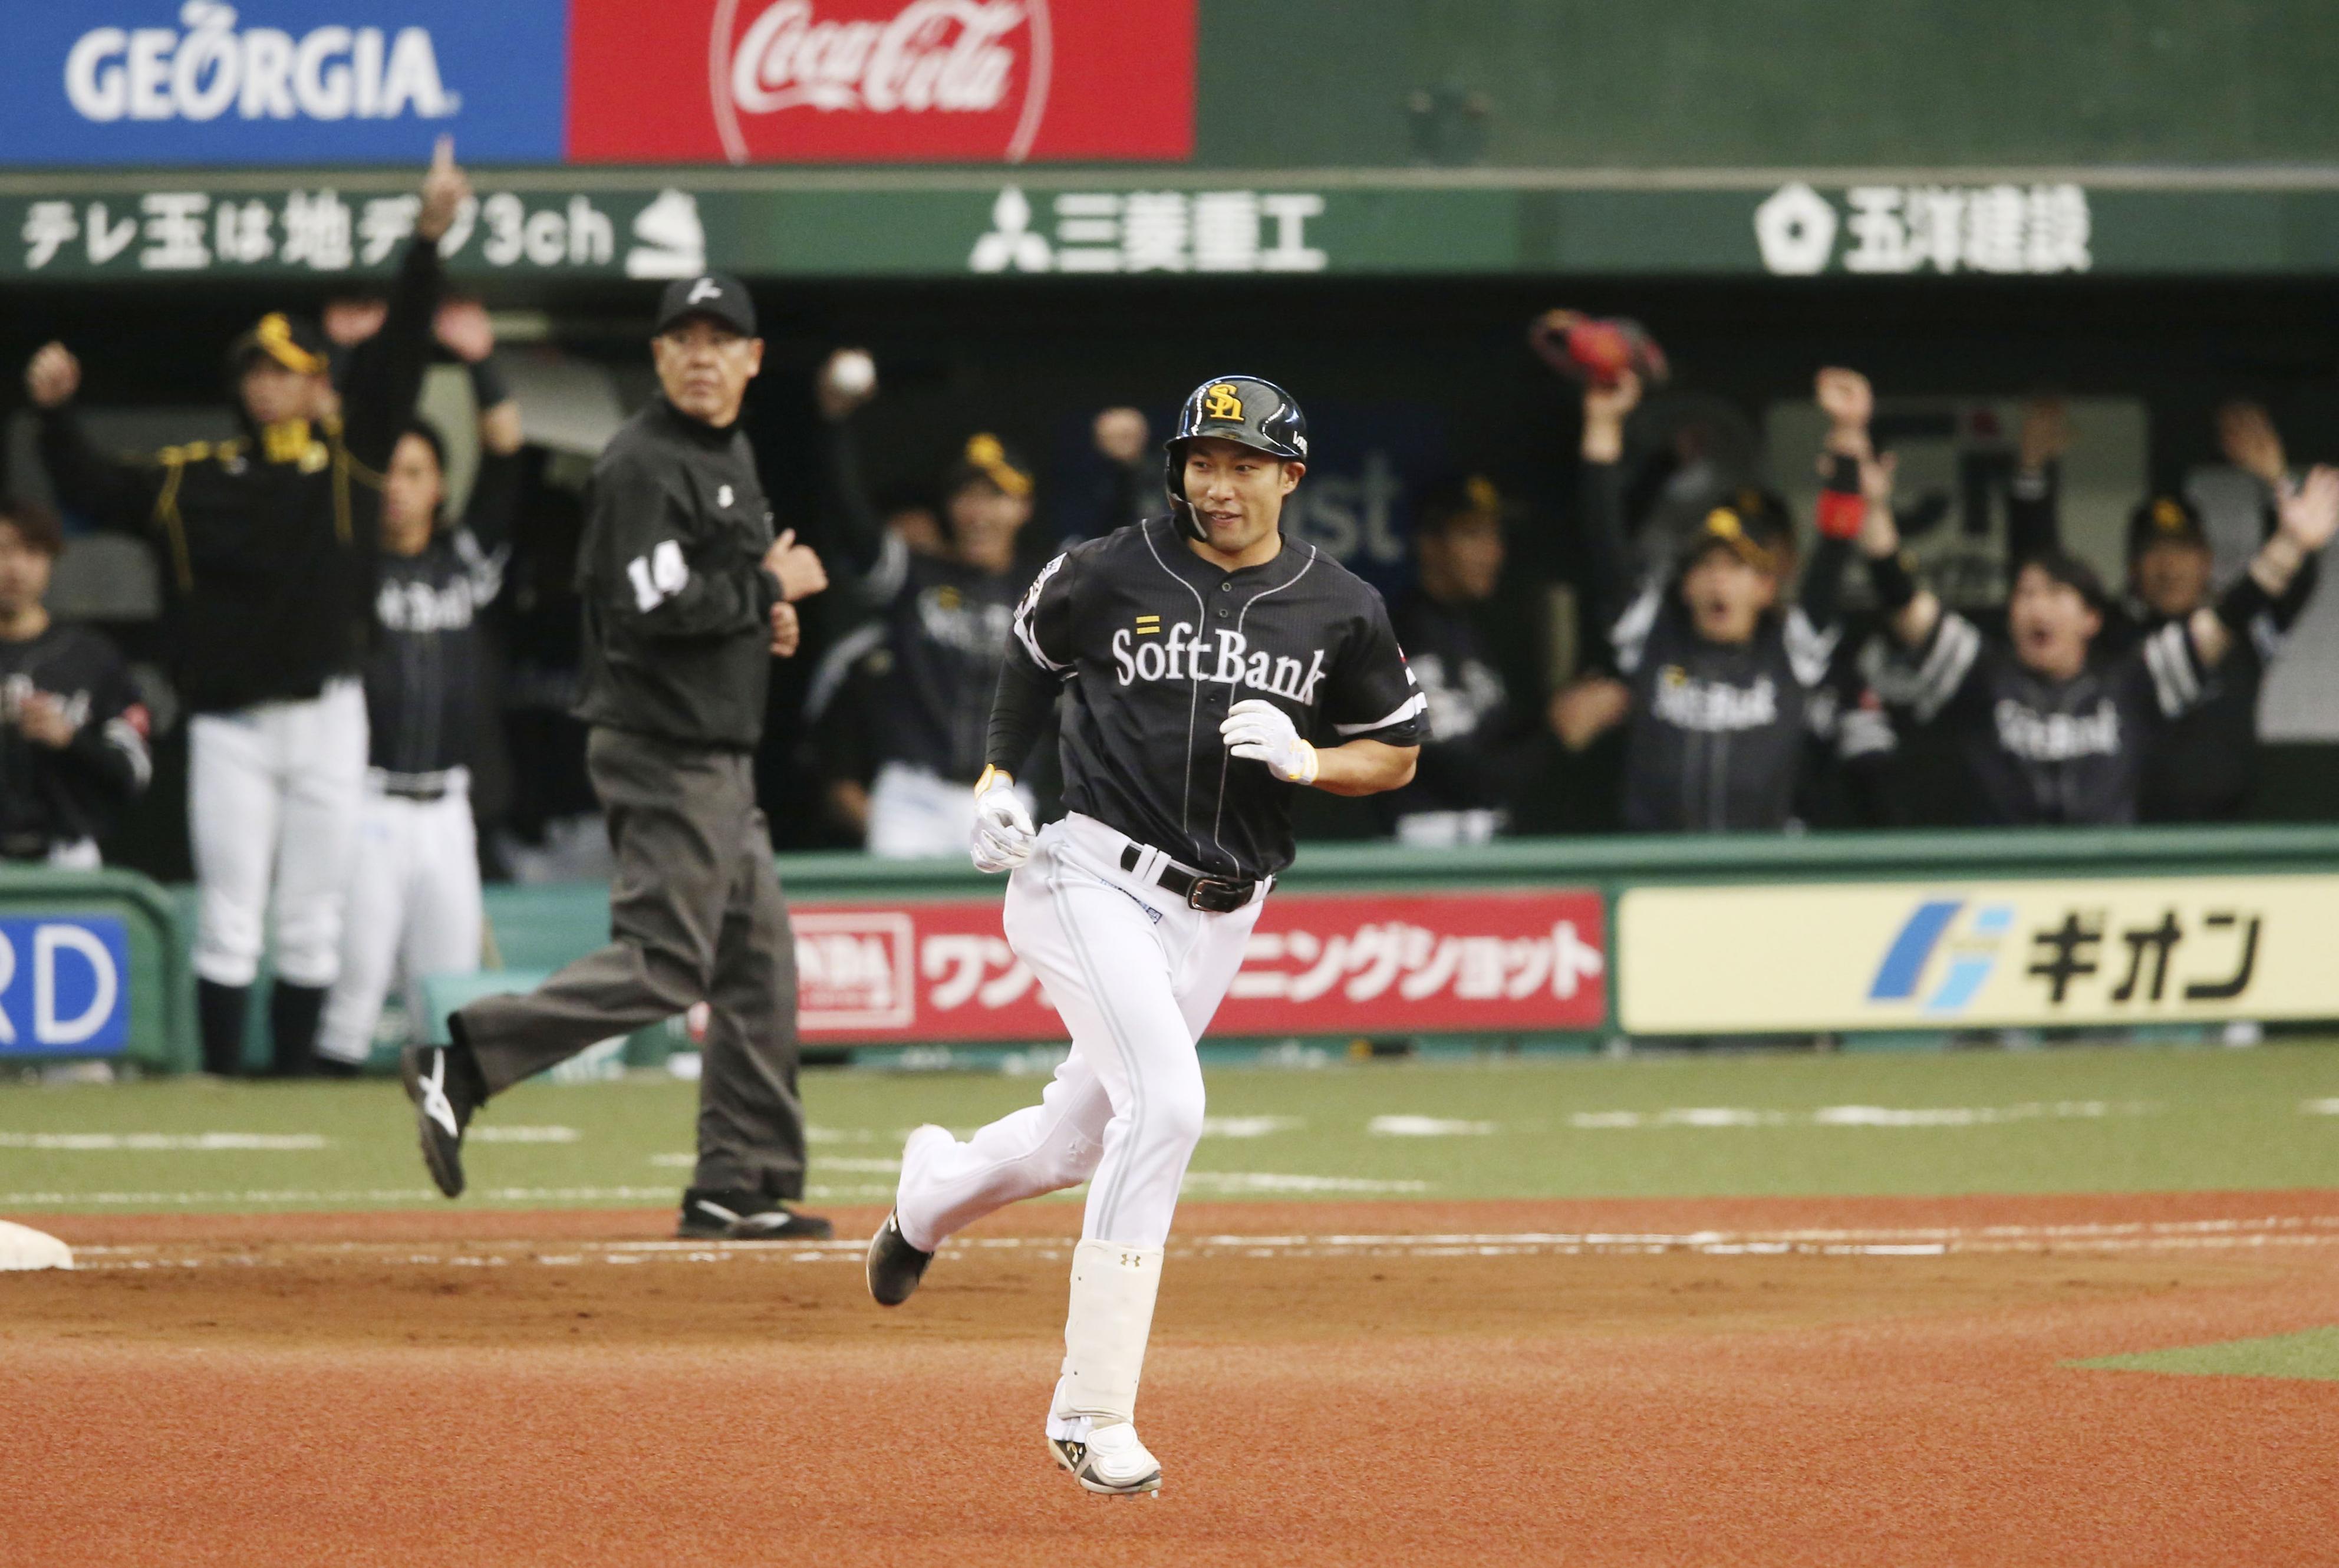 2戦連発で4打点!福岡ソフトバンク・柳田が連日の爆発でMVPを受賞!